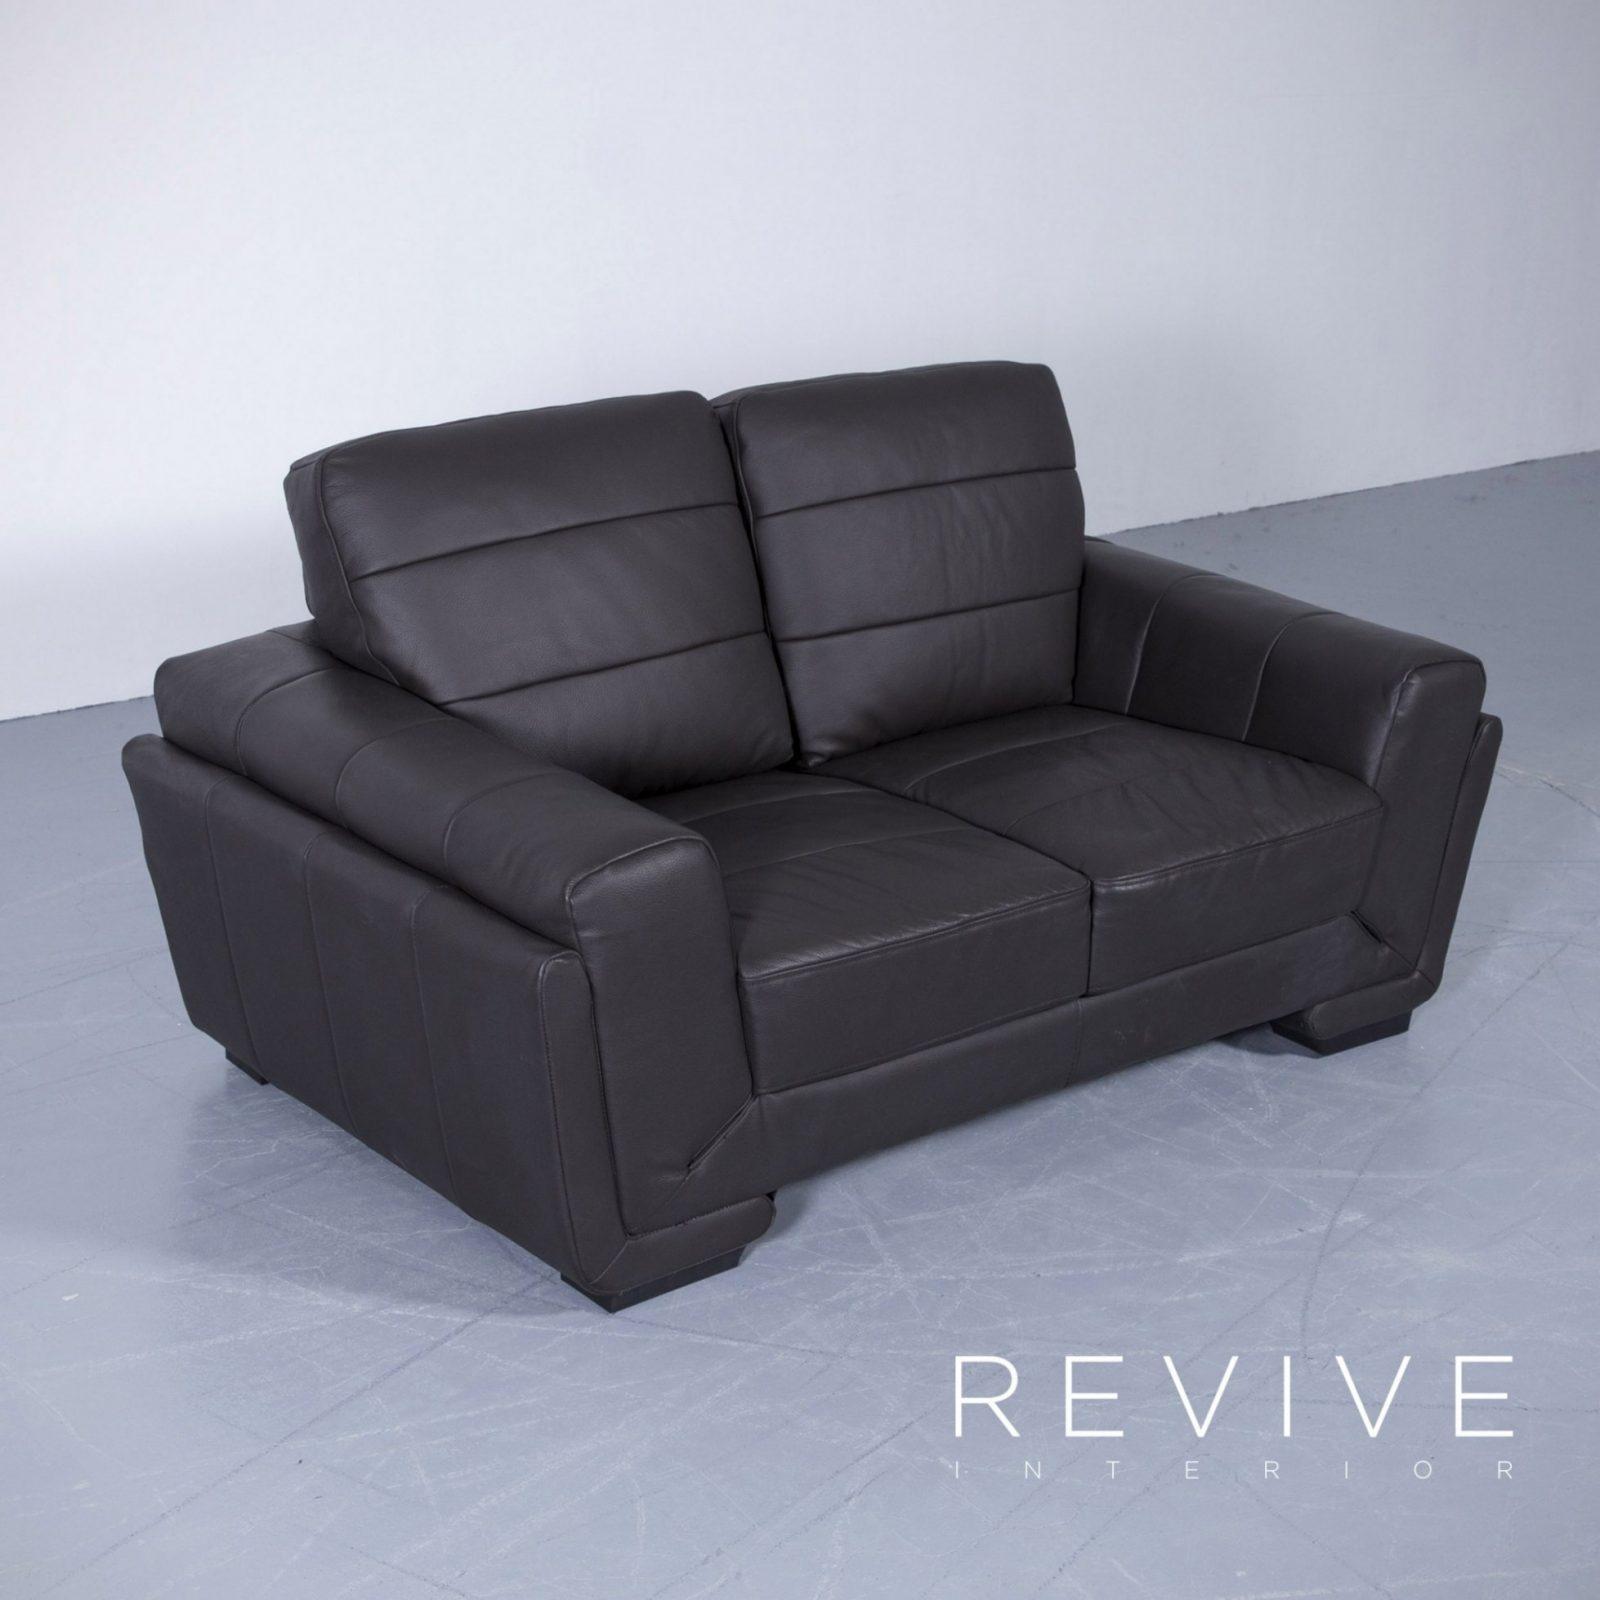 2 Sitzer Sofa Zum Ausziehen — Yct Projekte Planen Für Schreibtisch von 2 Sitzer Sofa Zum Ausziehen Photo